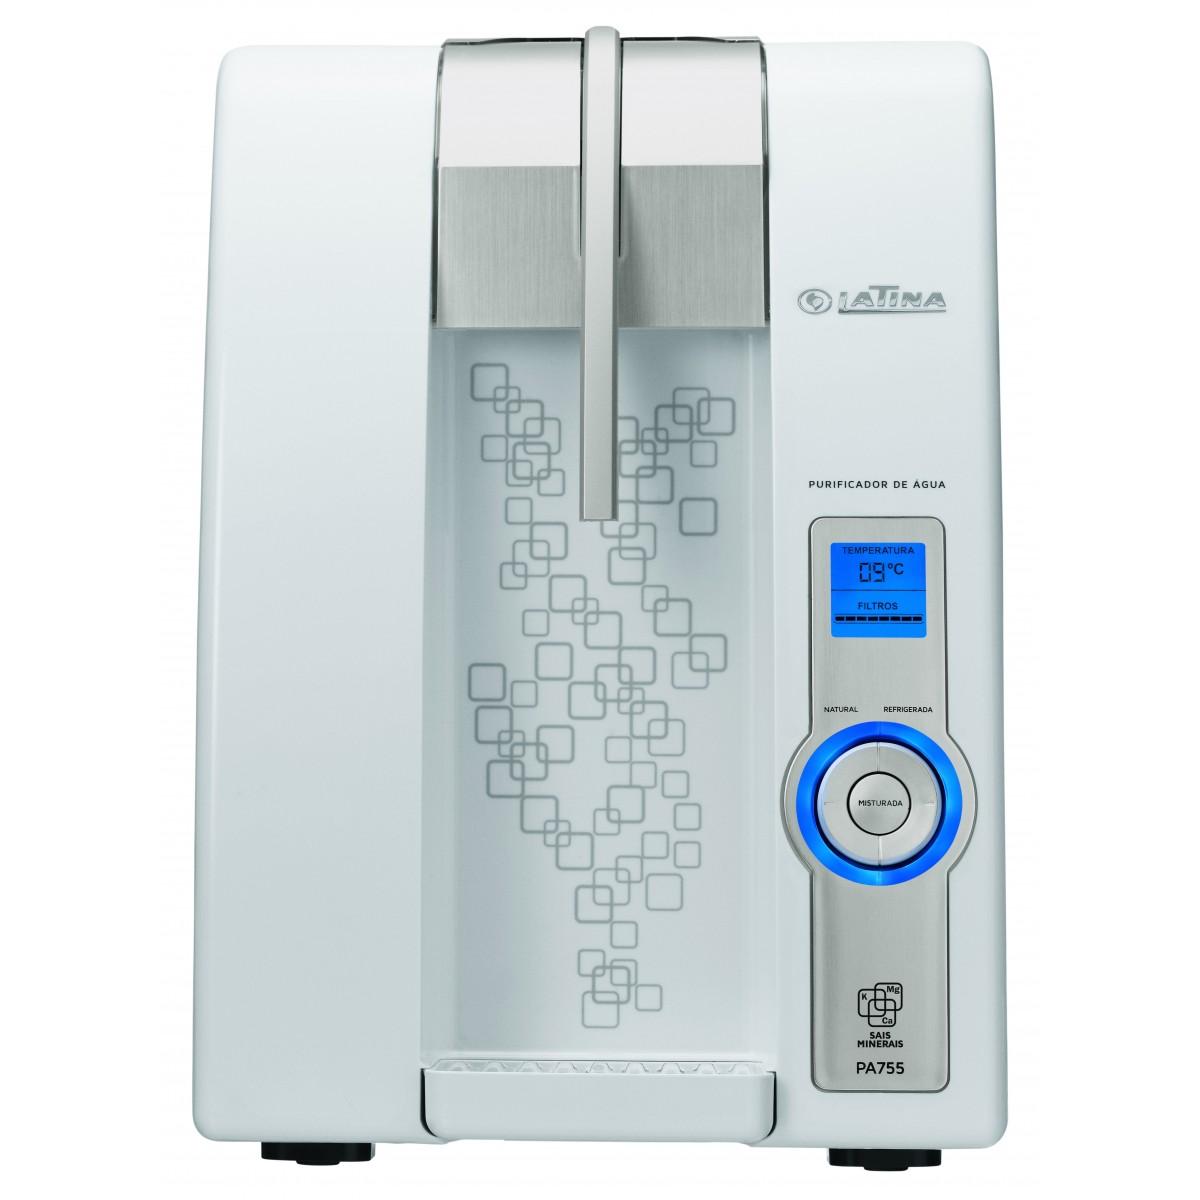 Purificador de Água Eletrônico Refrigerado Latina XPA775 com Visor LED Branco  - ShopNoroeste.com.br